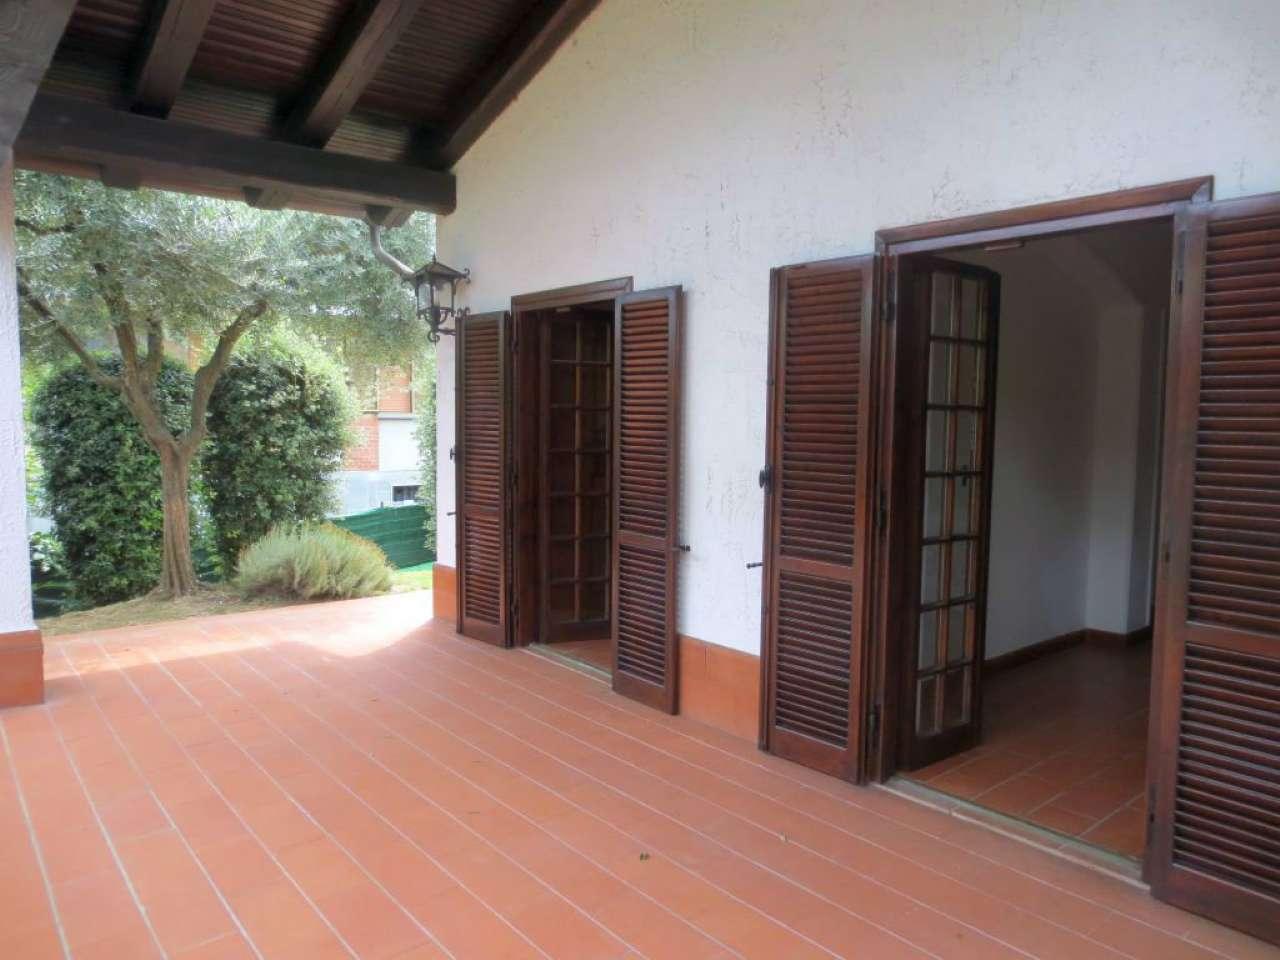 Villa in affitto a Pecetto Torinese, 5 locali, prezzo € 2.000   CambioCasa.it